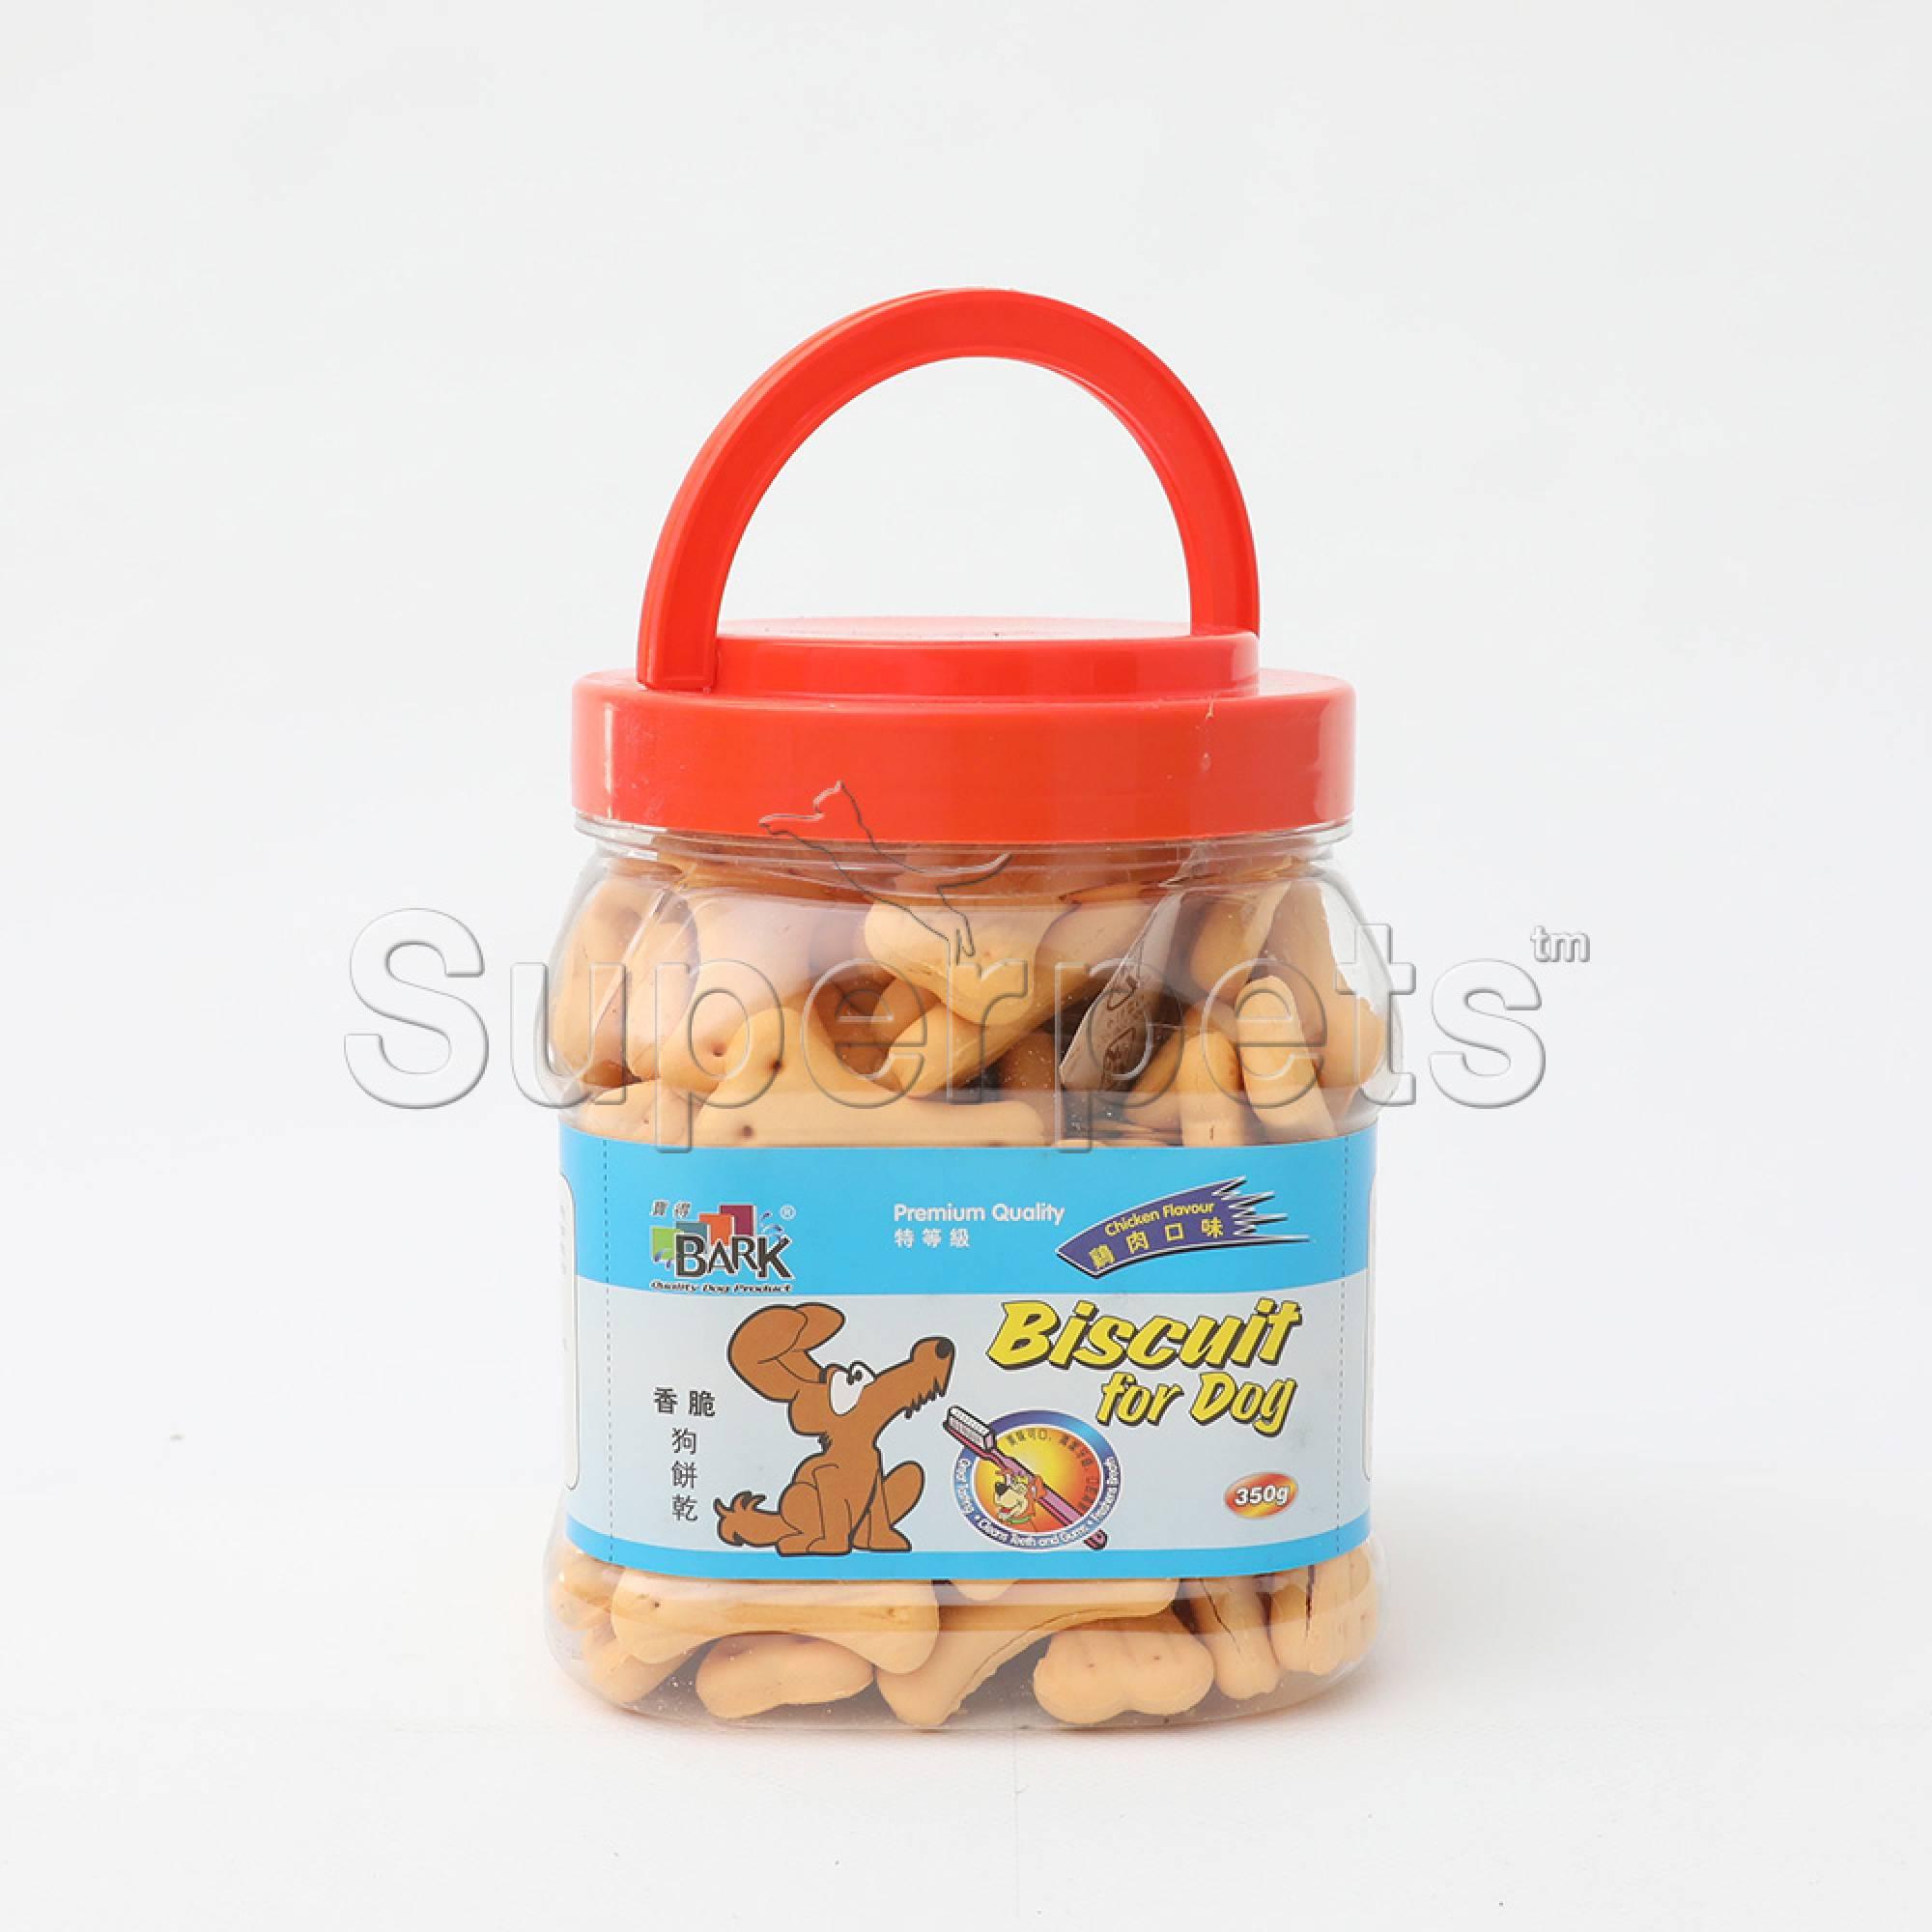 Bark PD329 Chicken Flavour Biscuit 350g